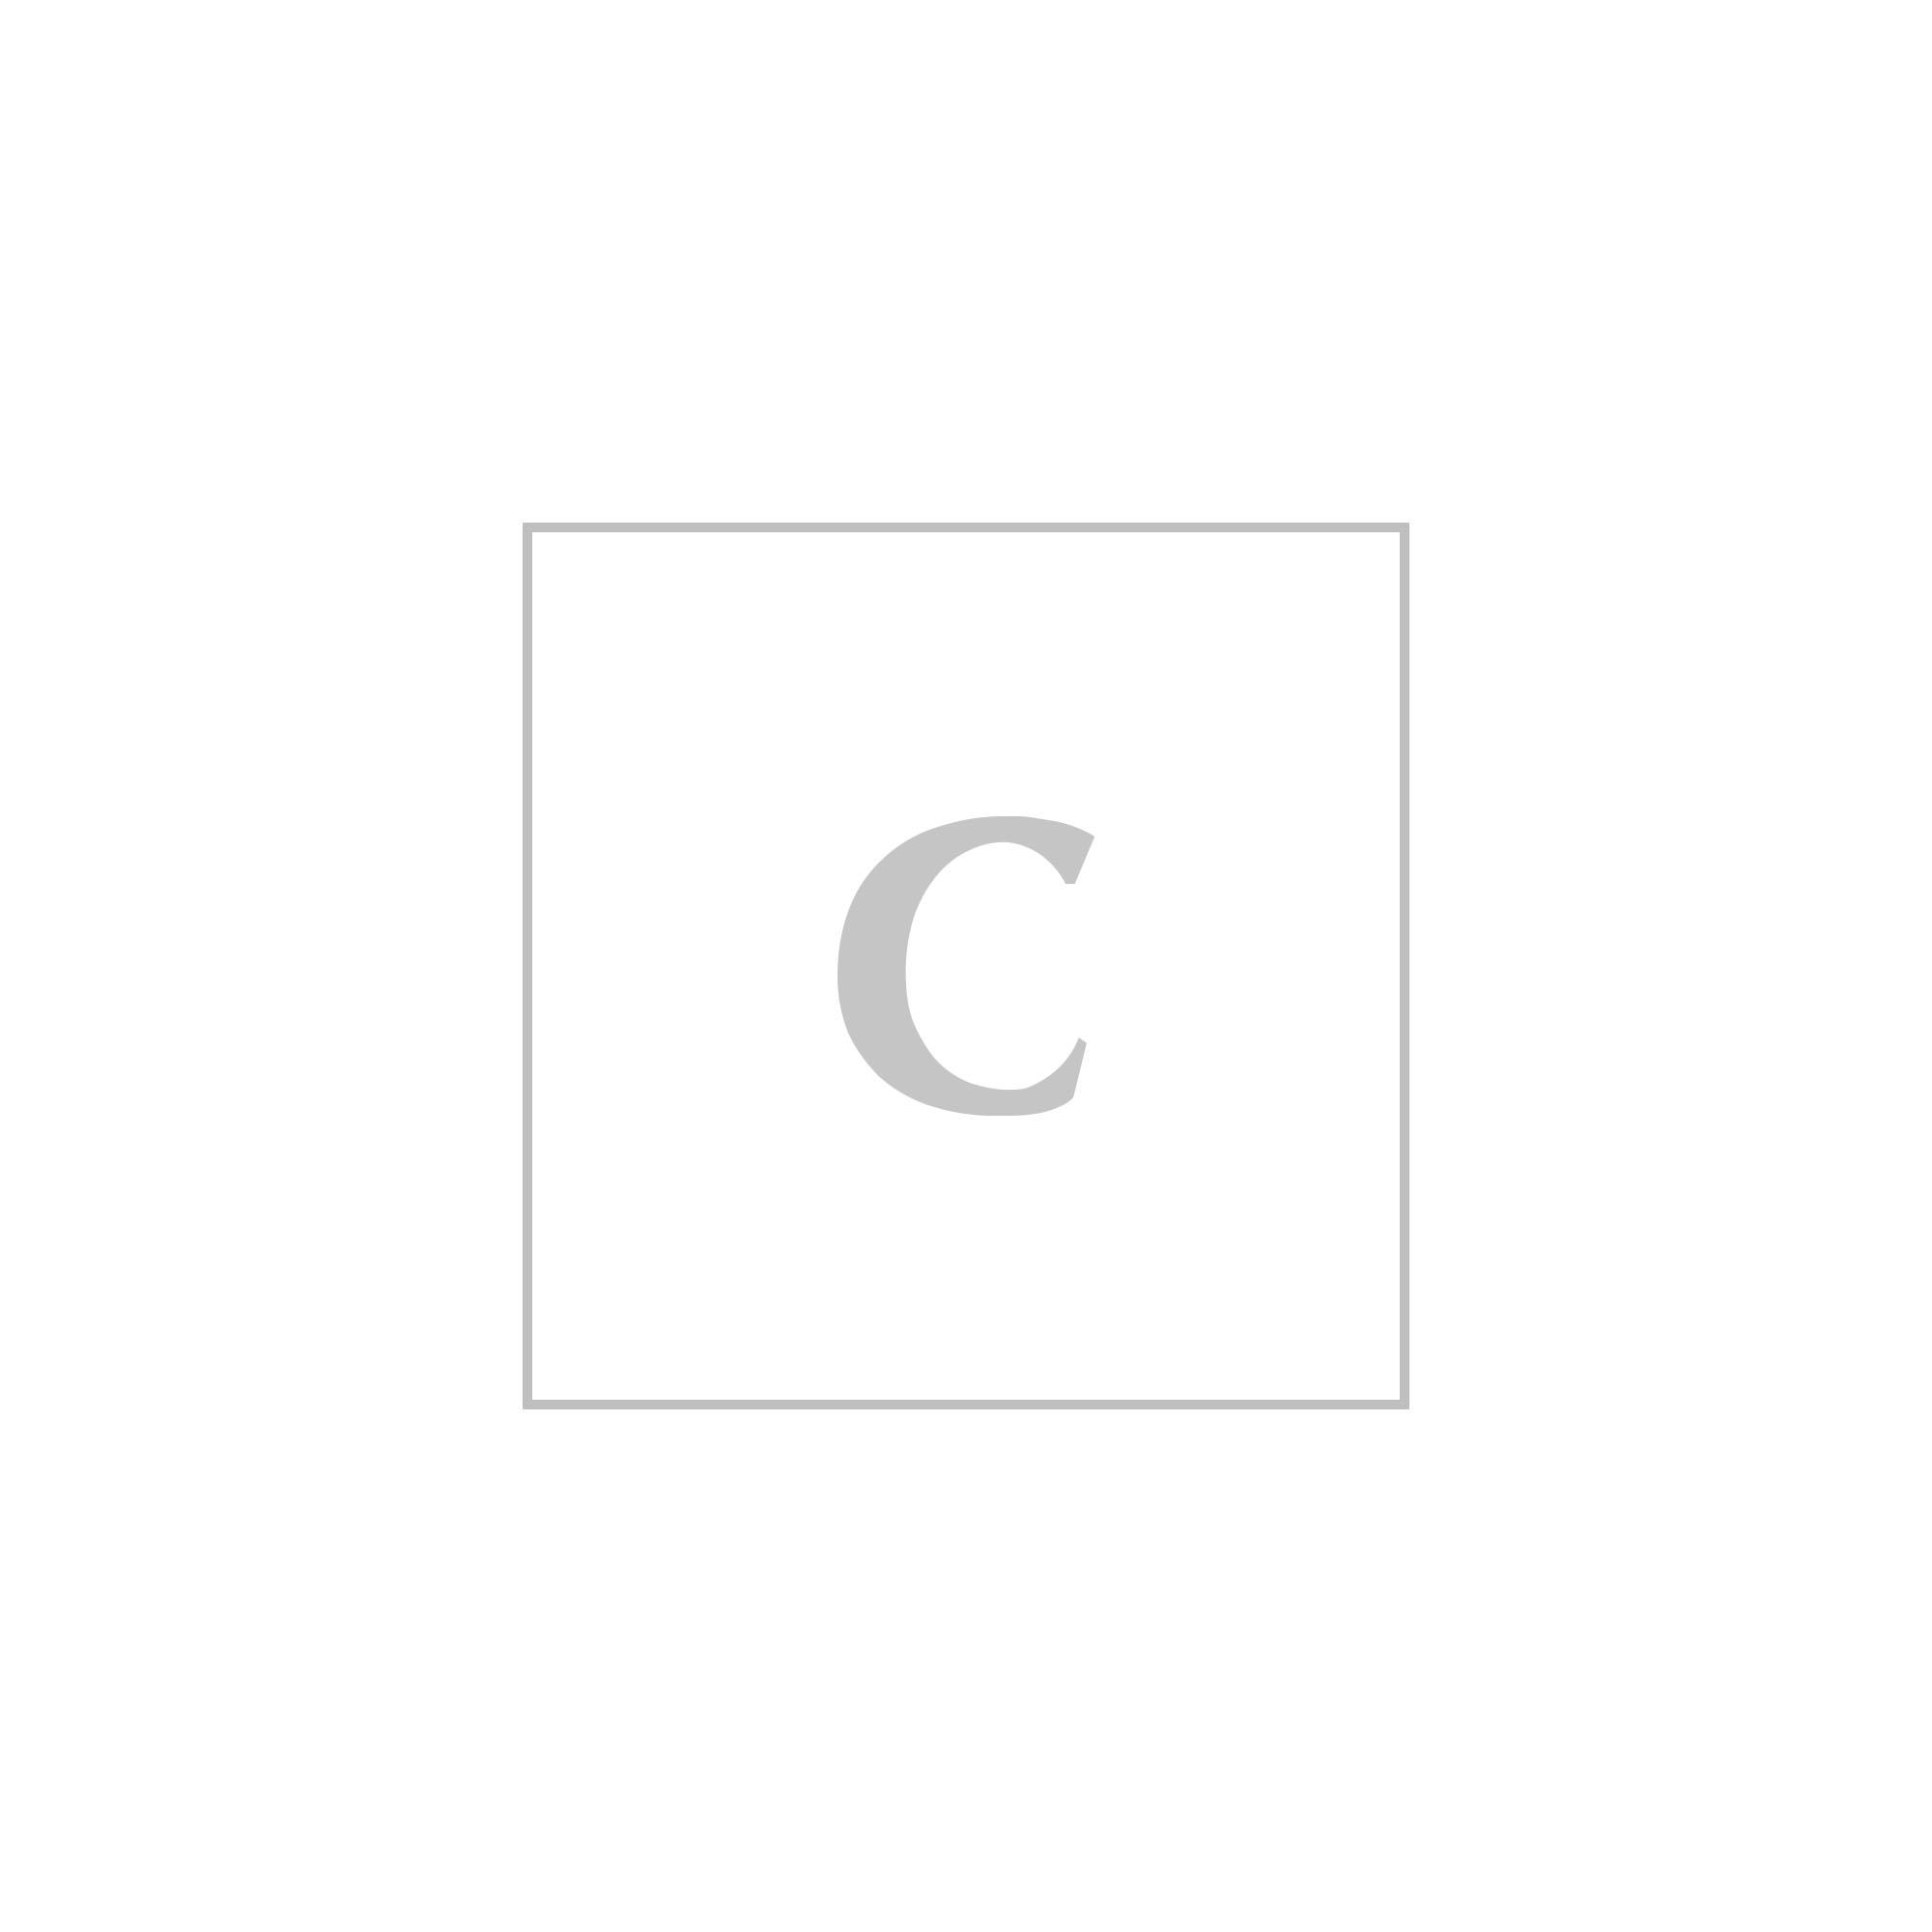 Salvatore ferragamo p.foglio 22a926 123 tissu soft squadrato